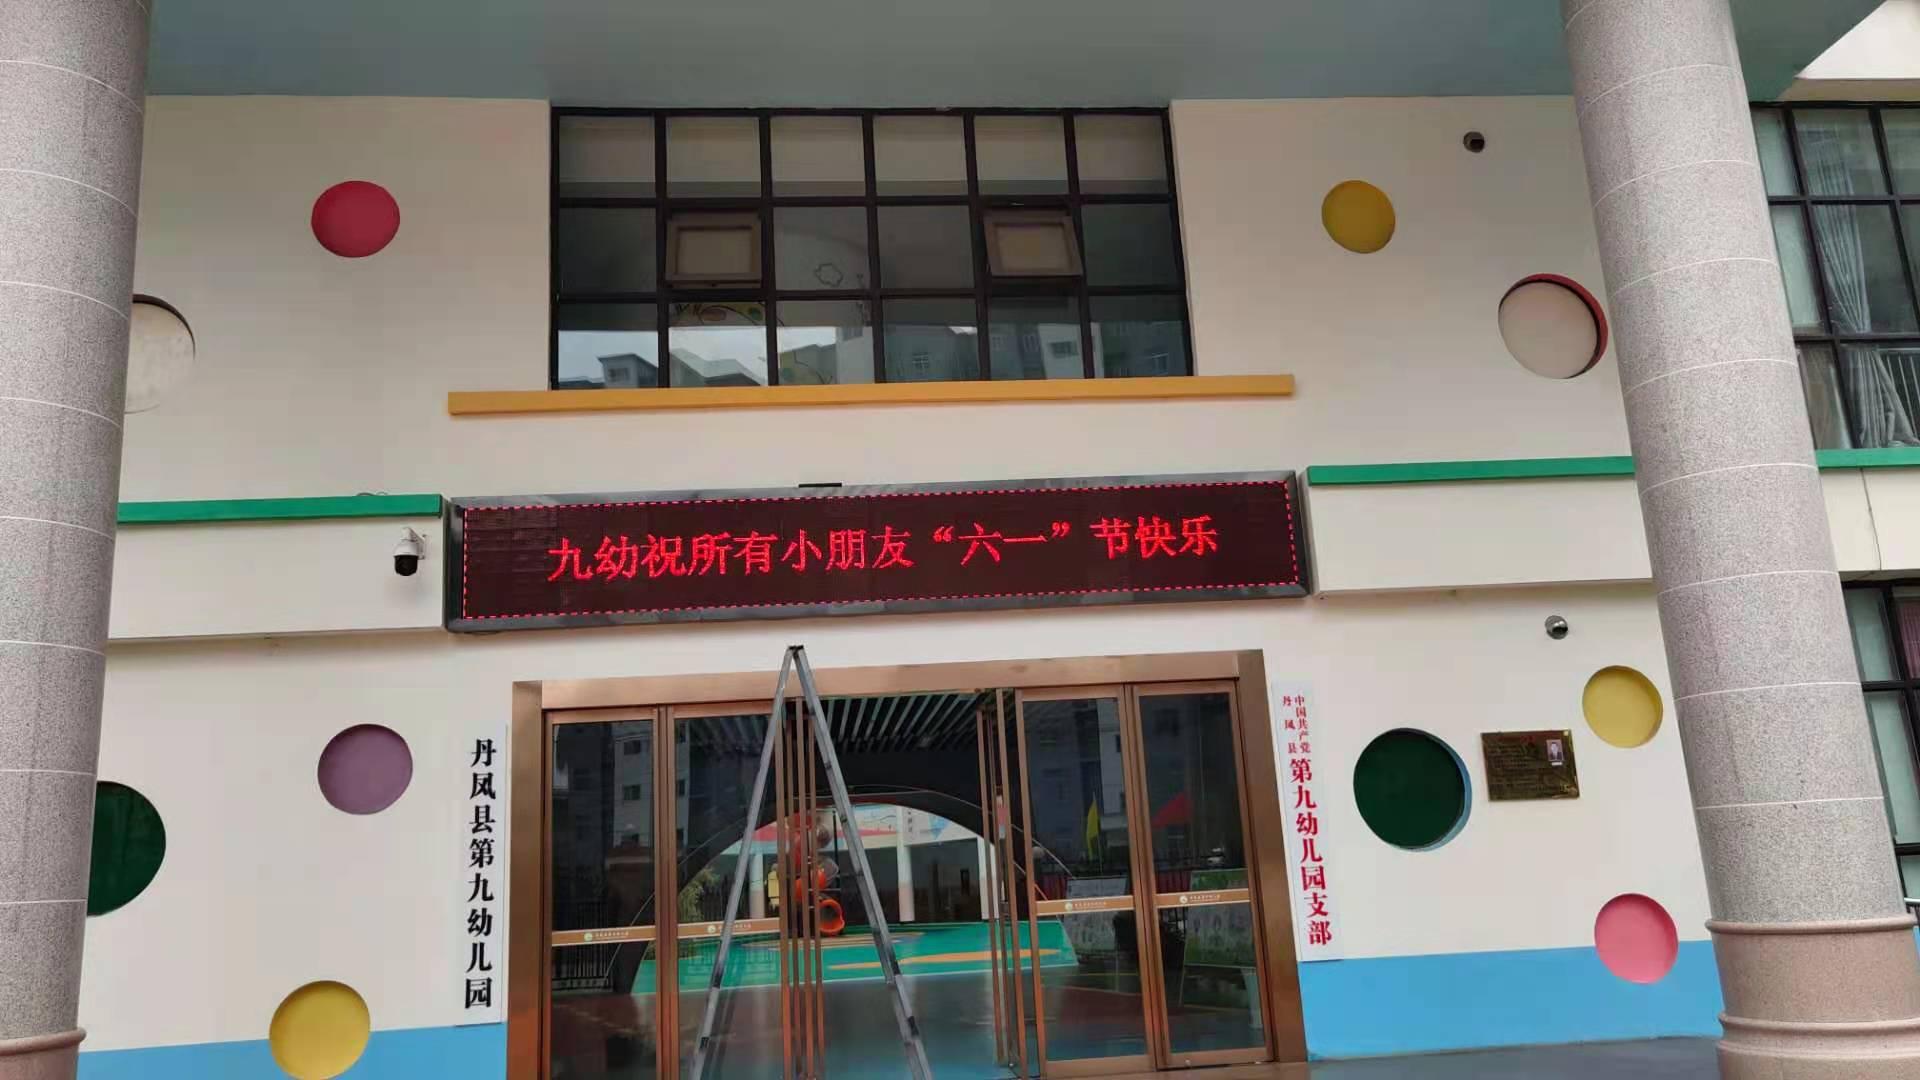 丹鳳縣第九幼兒園單色門頭LED顯示屏安裝調試